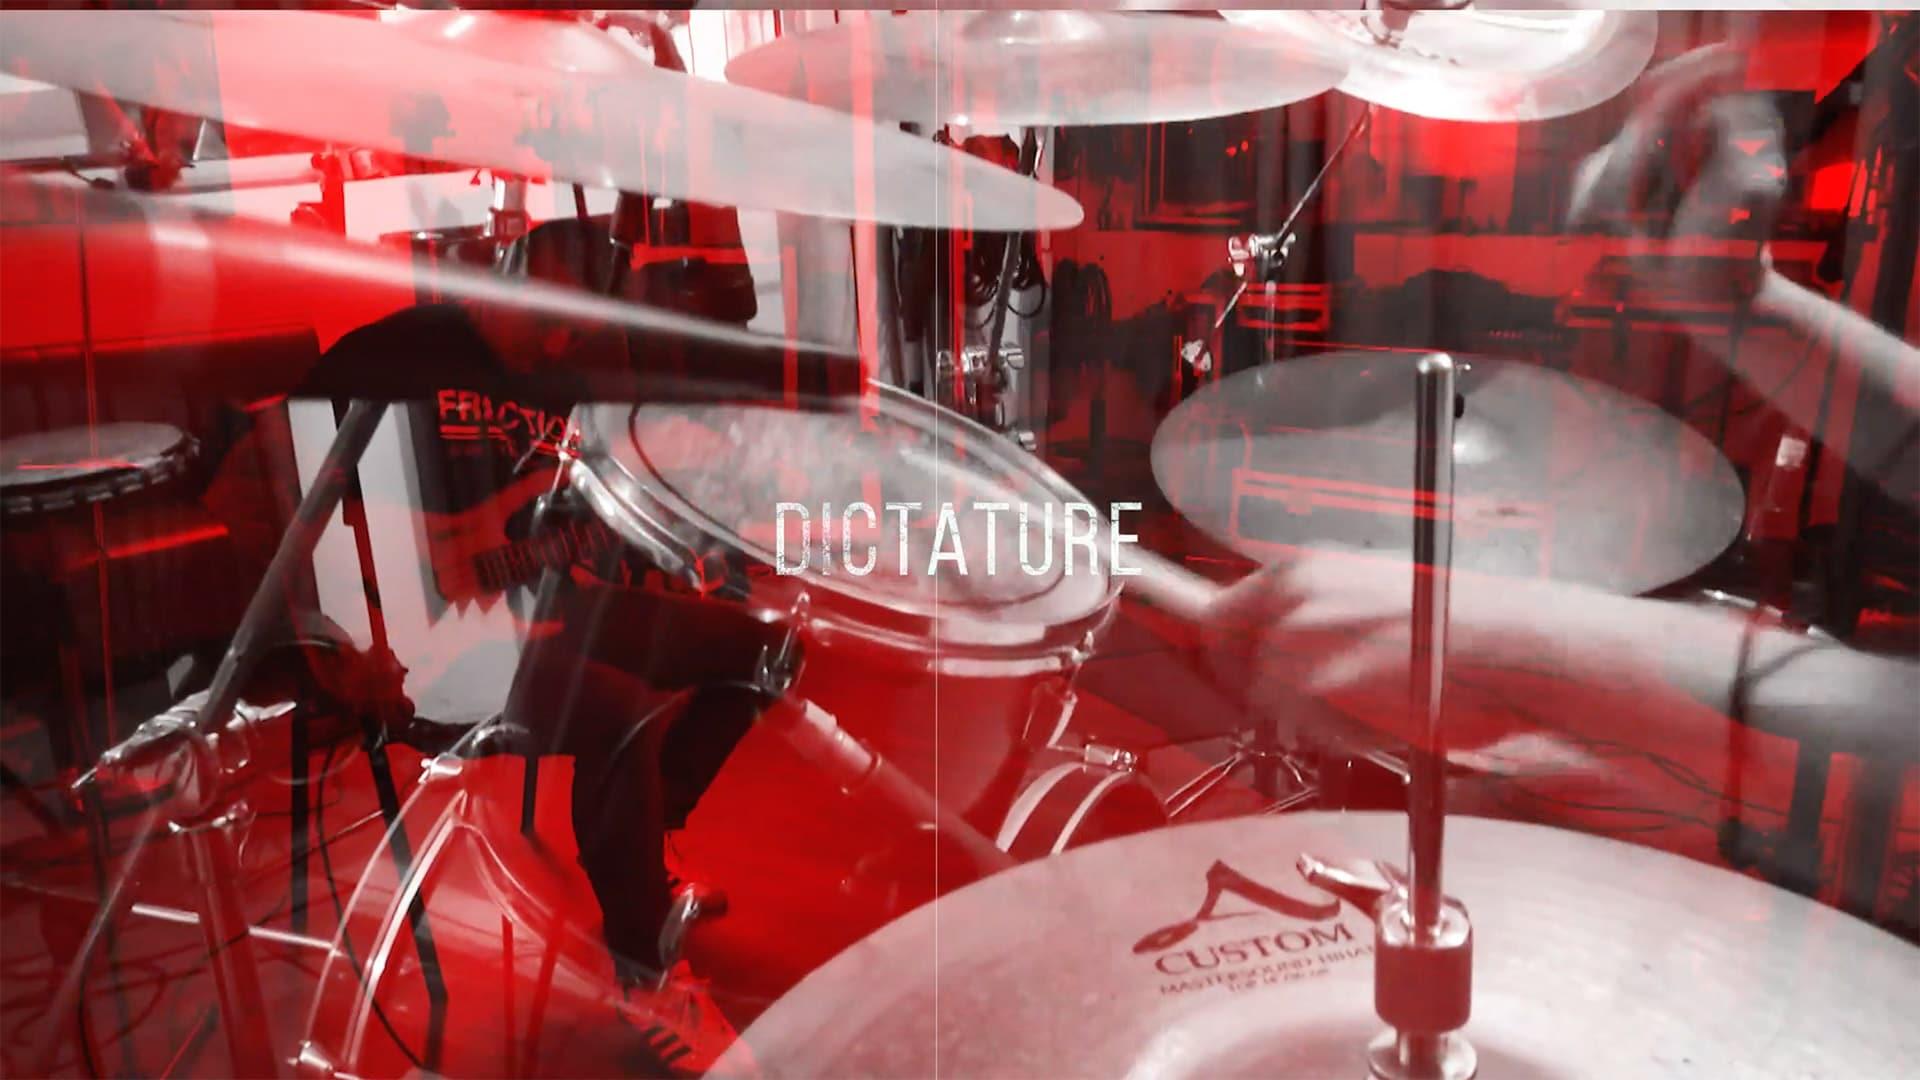 """Covid-19 - Le groupe de rock engagé FRACTION dévoile son titre """"Dictature sanitaire"""""""